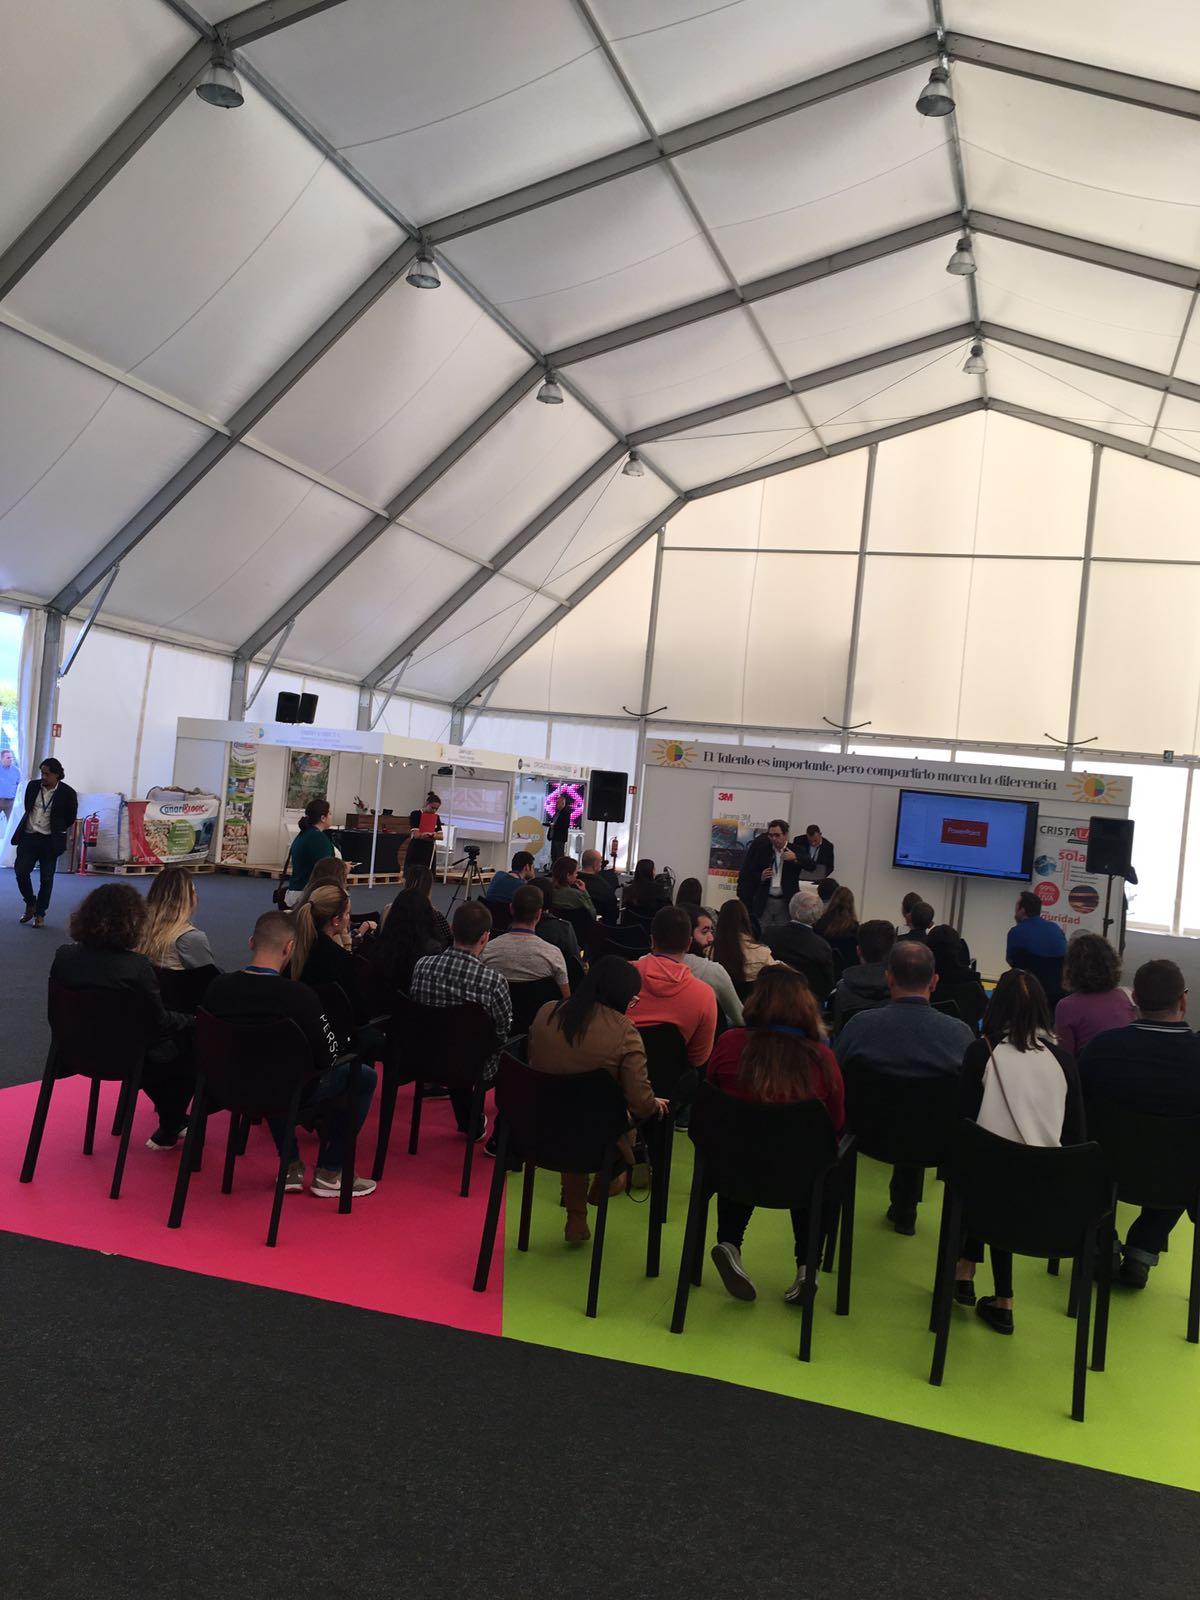 Charla sobre láminas de control solar en la Feria Internacional del Atlántico de Cristalam